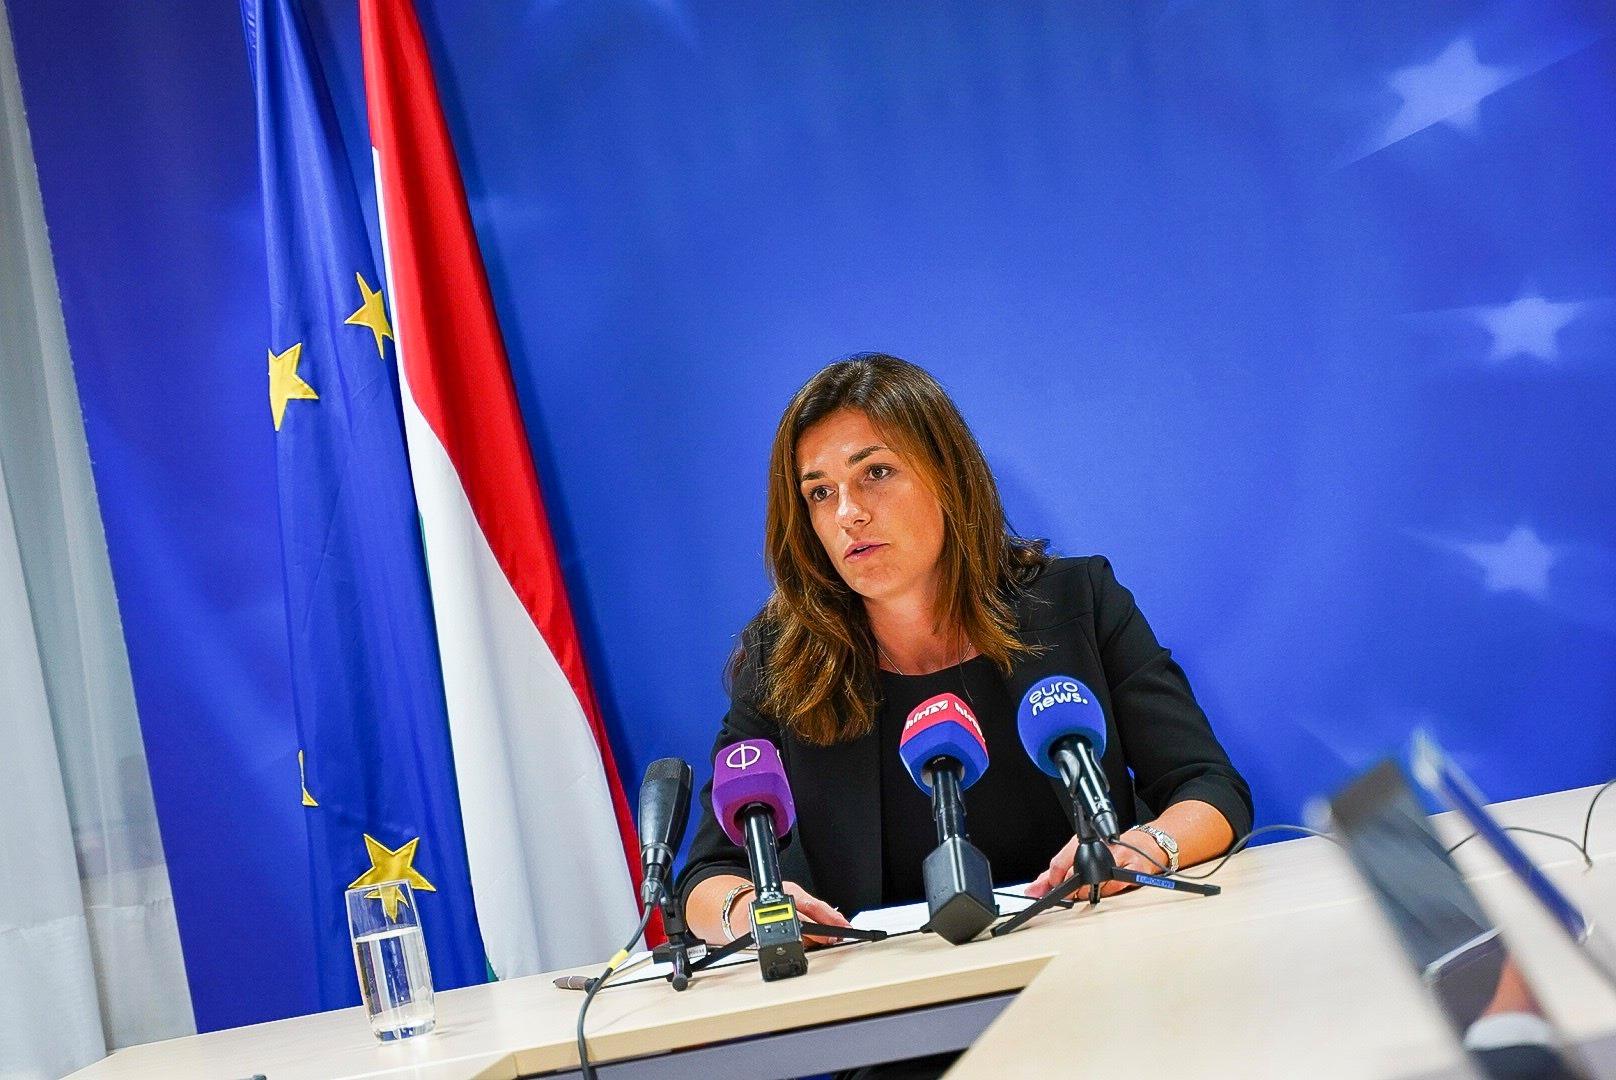 Rechtsstaatlichkeit: Ungarn weist Kritik zurück post's picture